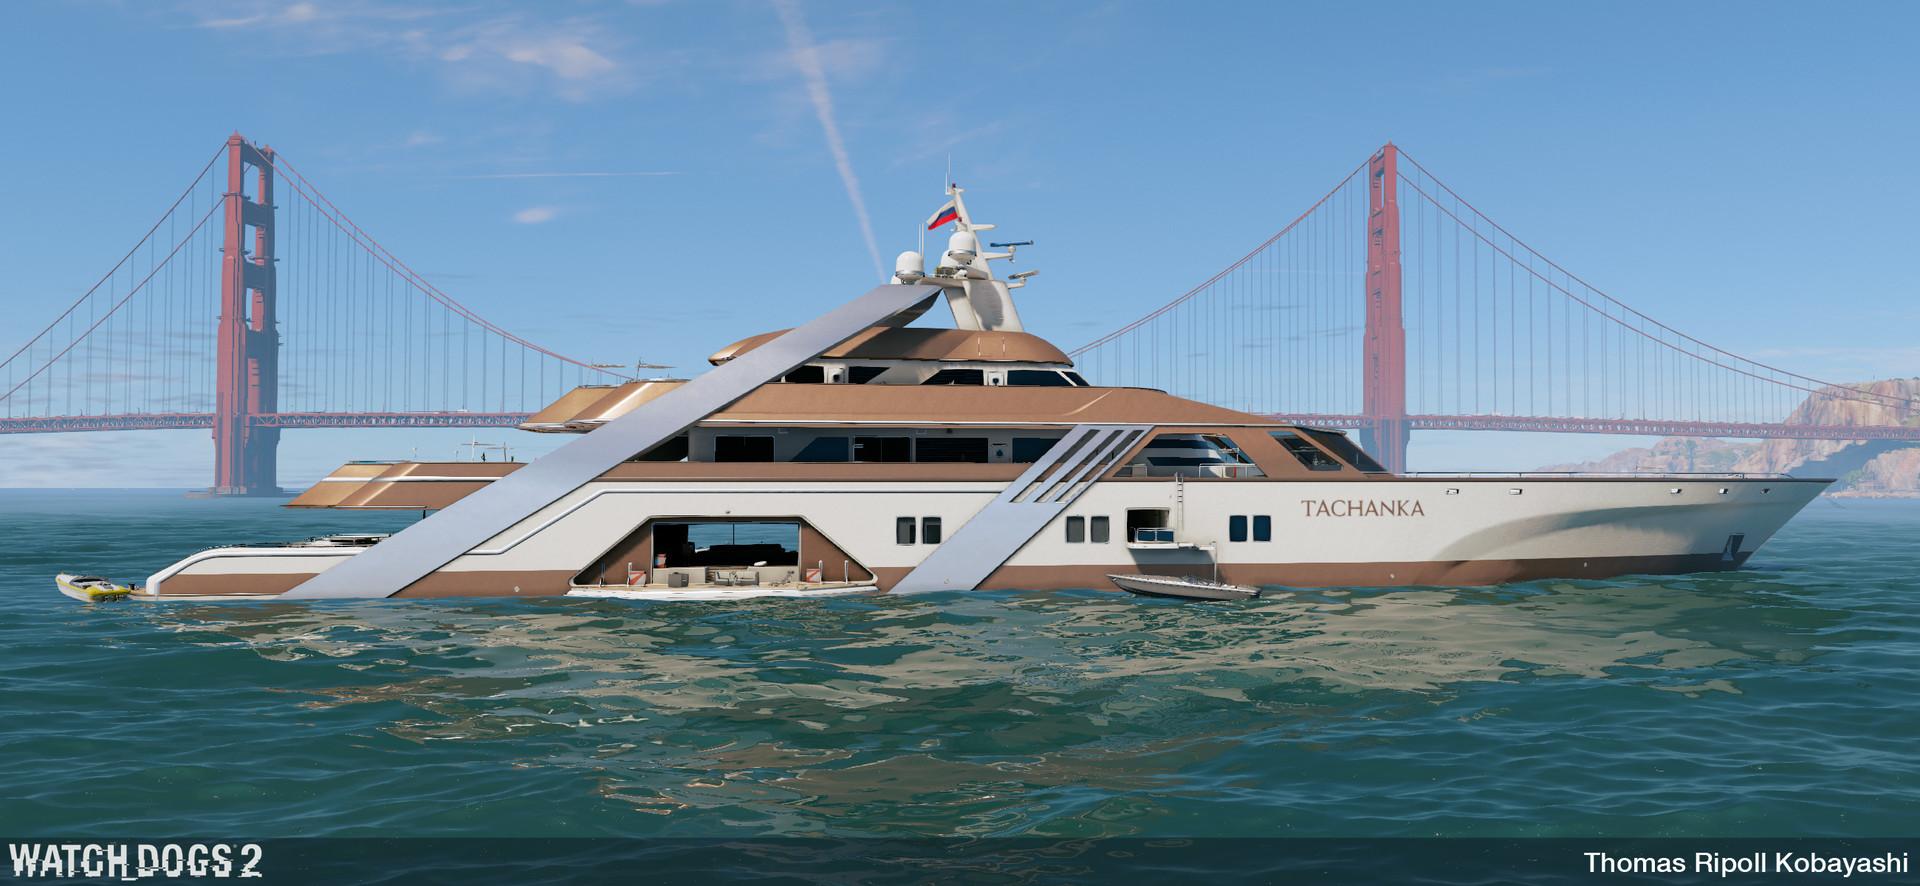 thomas-ripoll-kobayashi-yacht2.jpg?14873